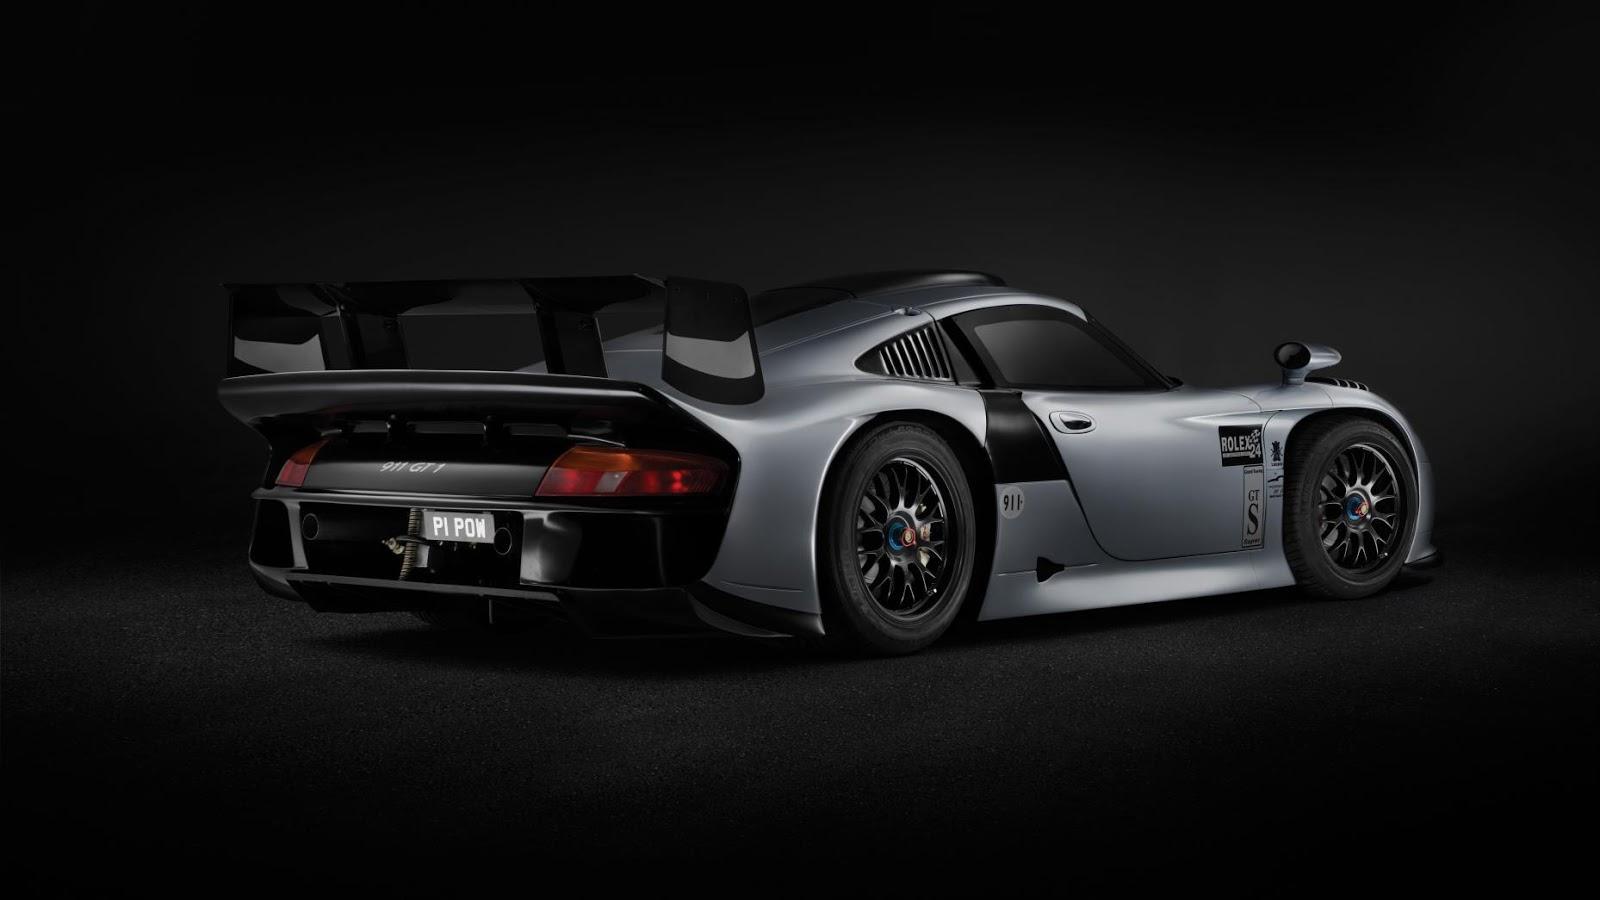 Phong cách và sự cân xứng làm nên sức mạnh của Porsche GT1 Evolution